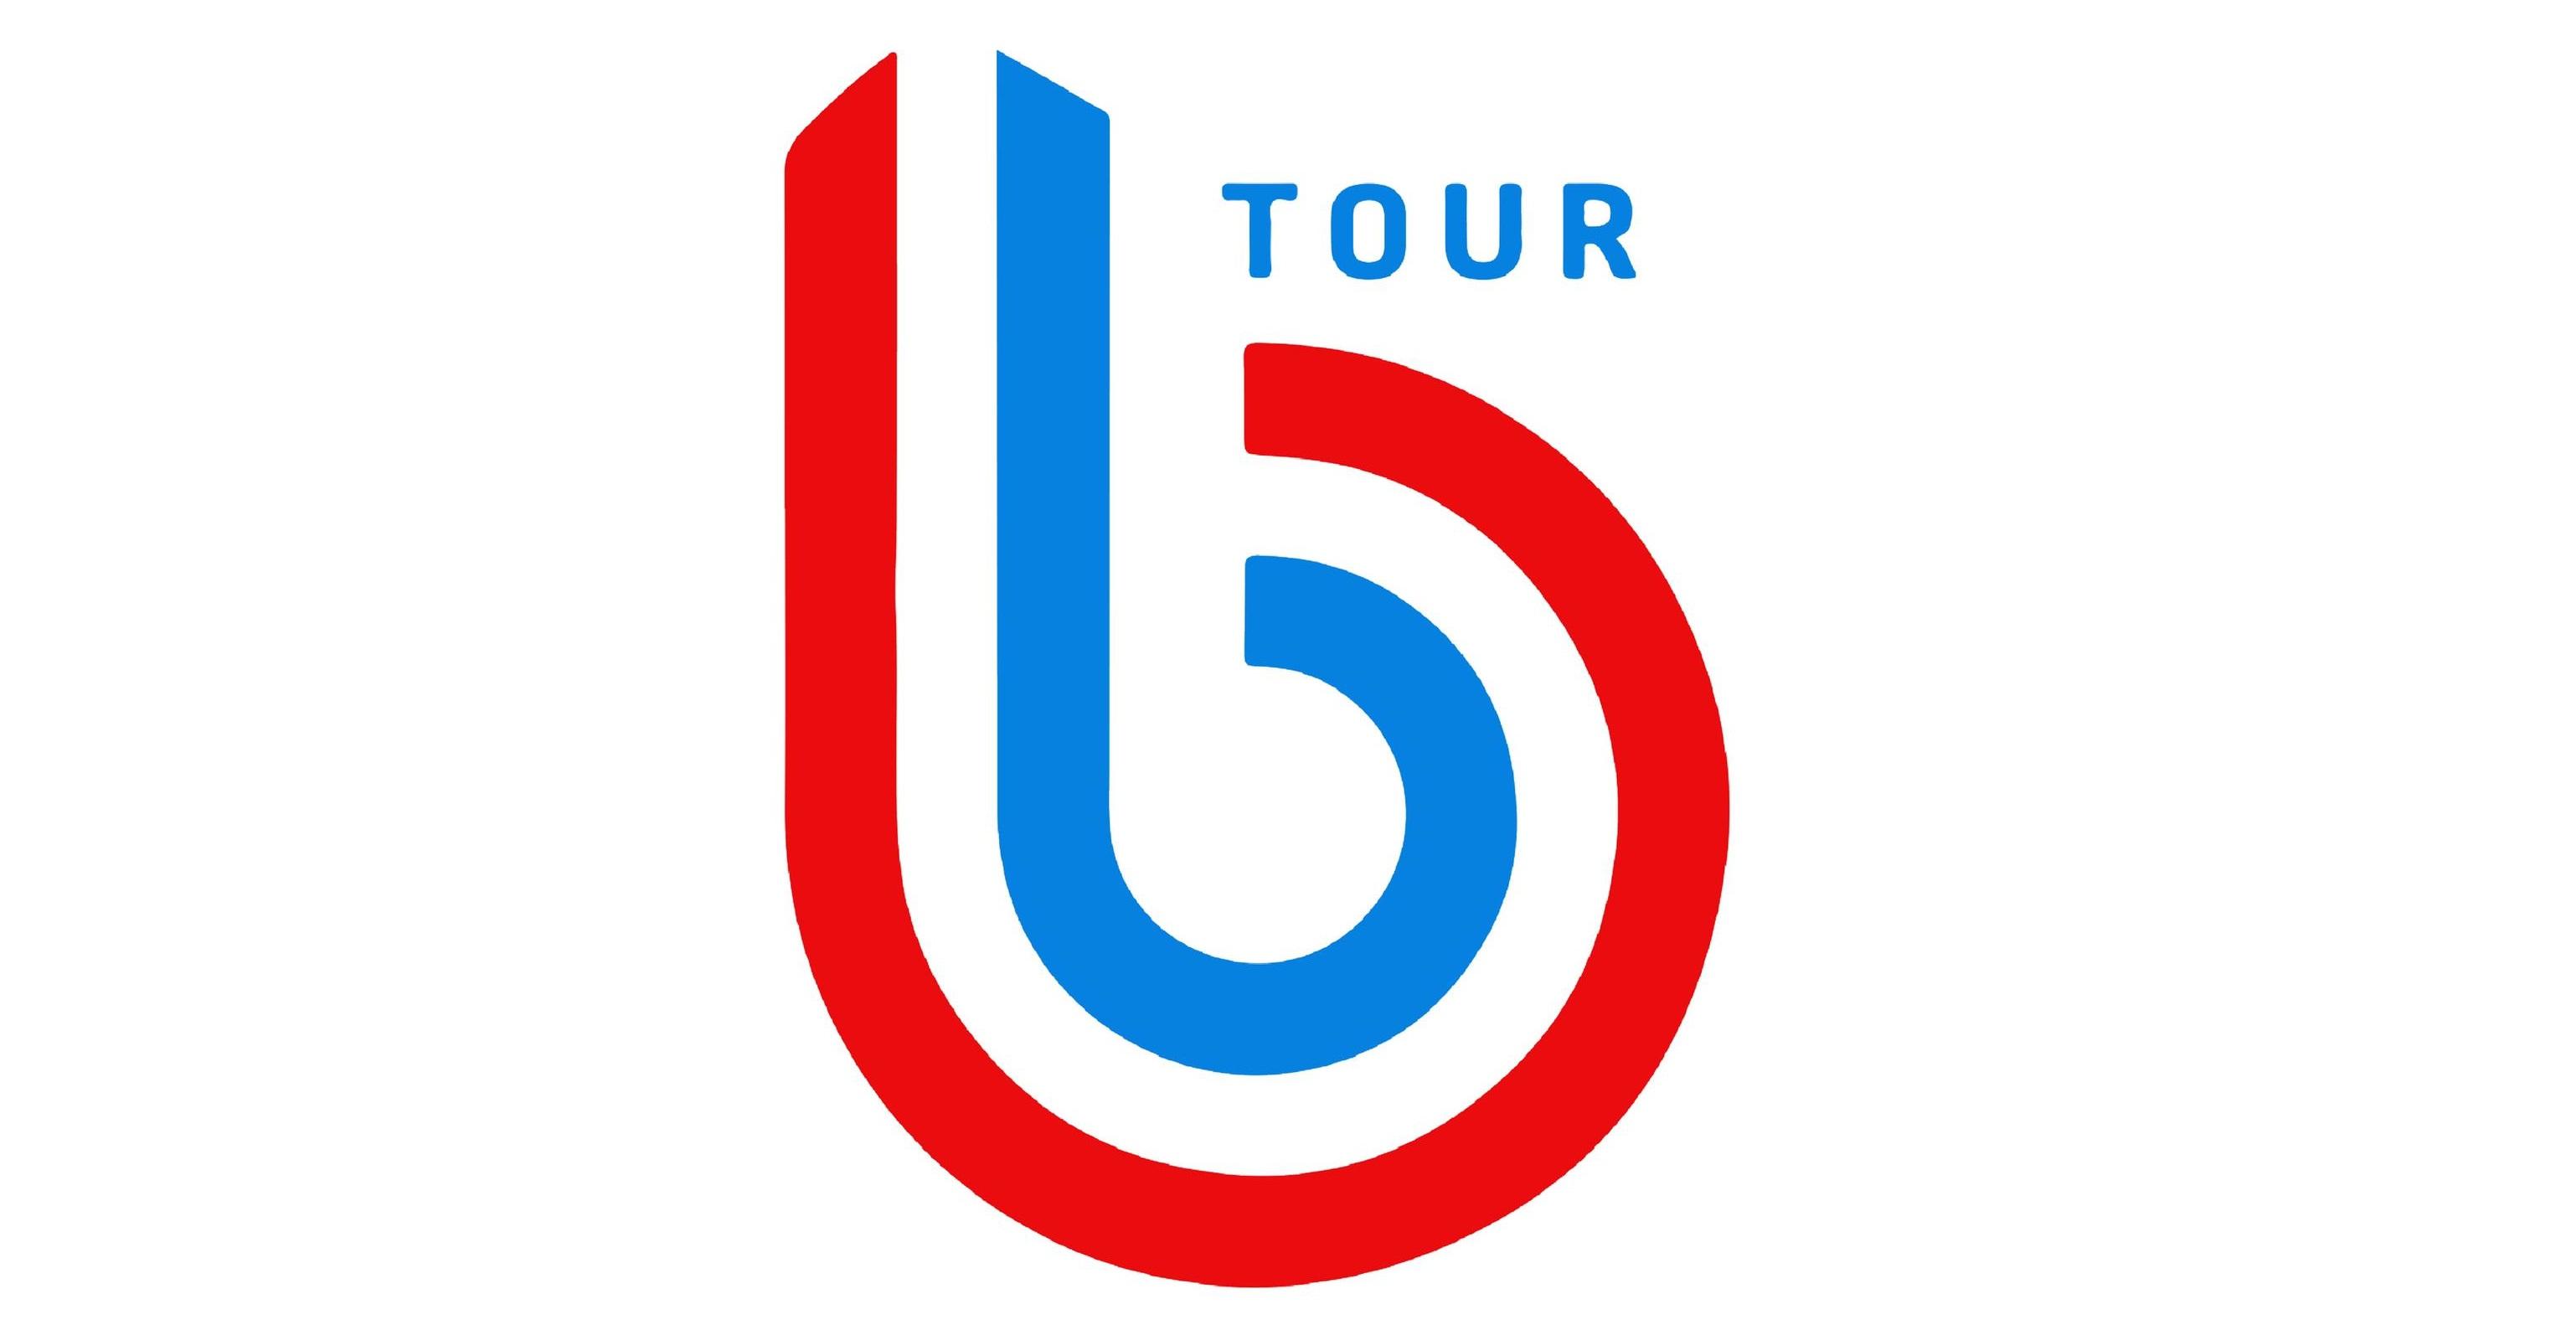 B TOUR